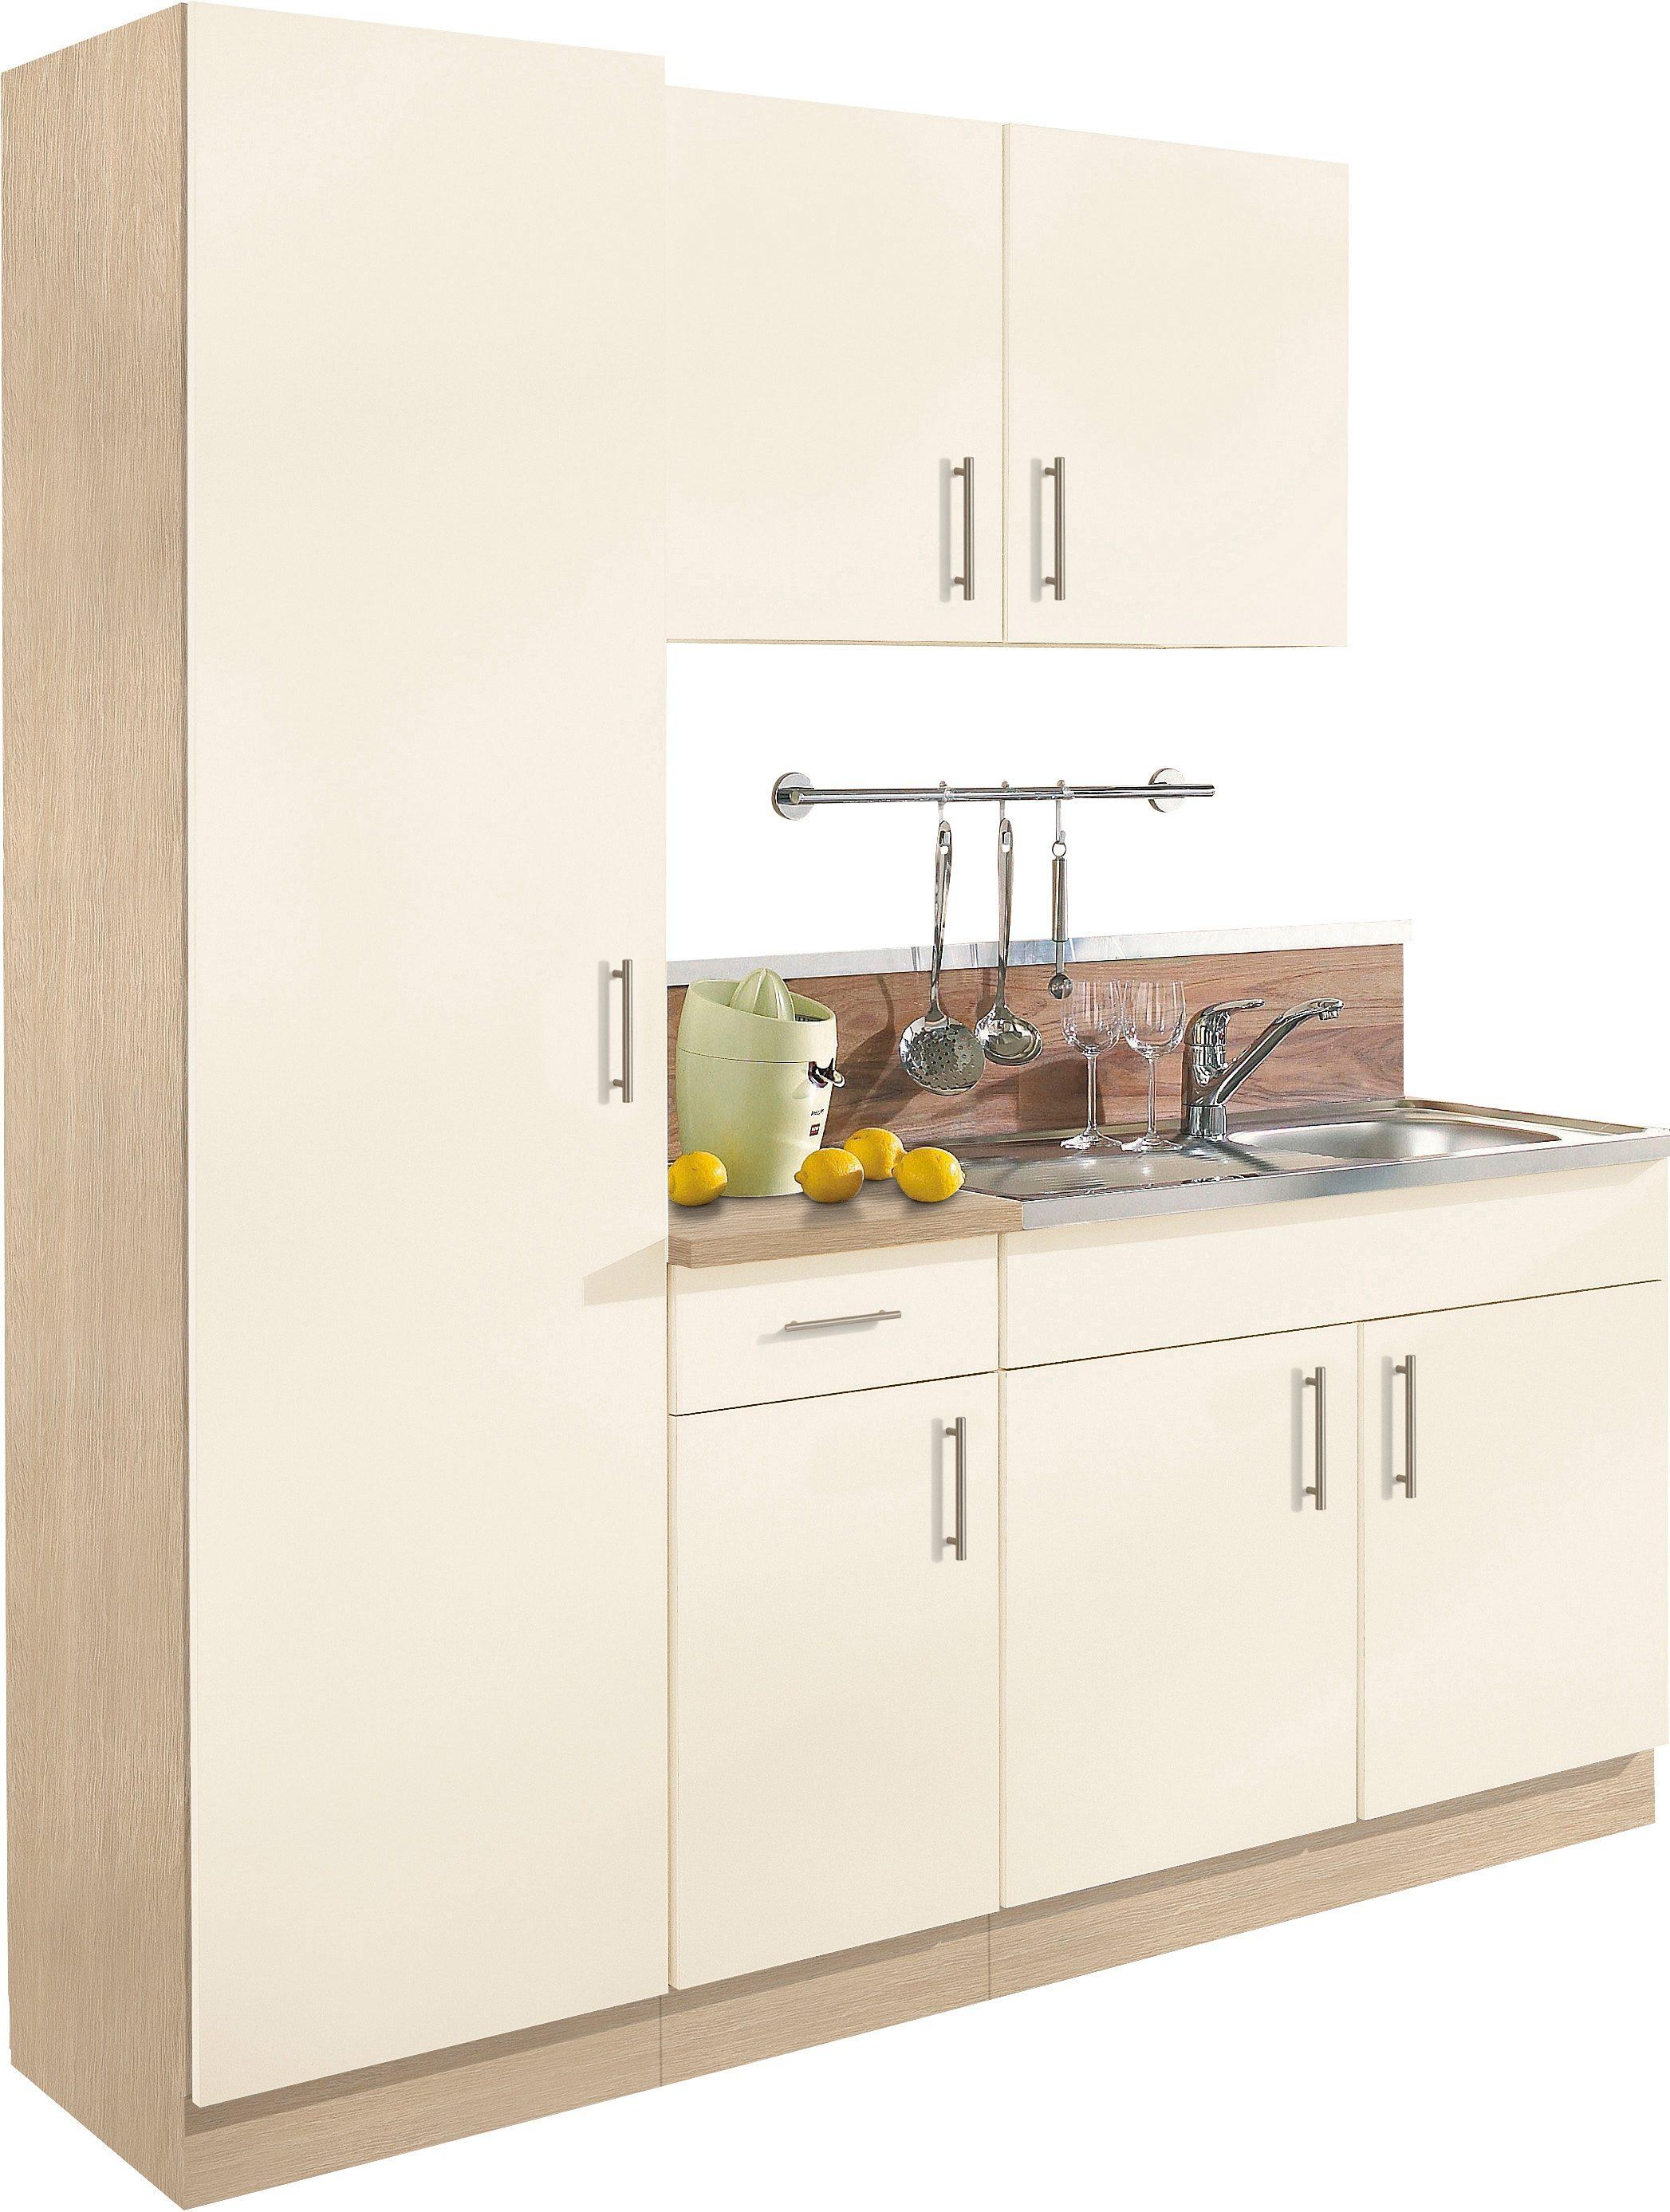 wiho Küchen Küchenblock »Kiel« kaufen | BAUR